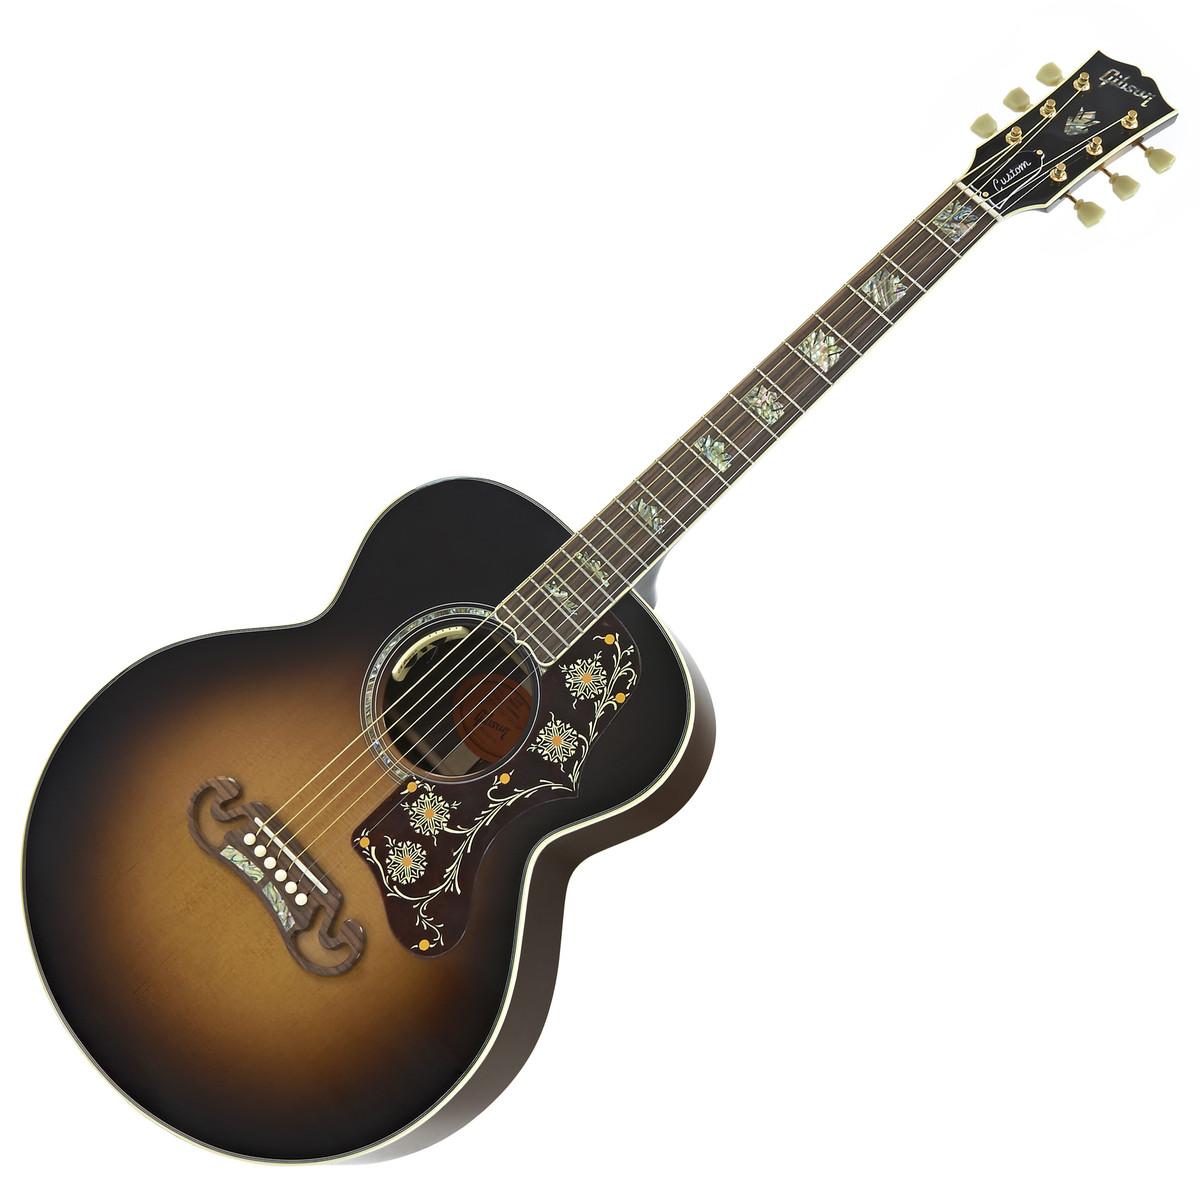 Explora Mandolina, Guitarras, y mucho ms! - pinterestes